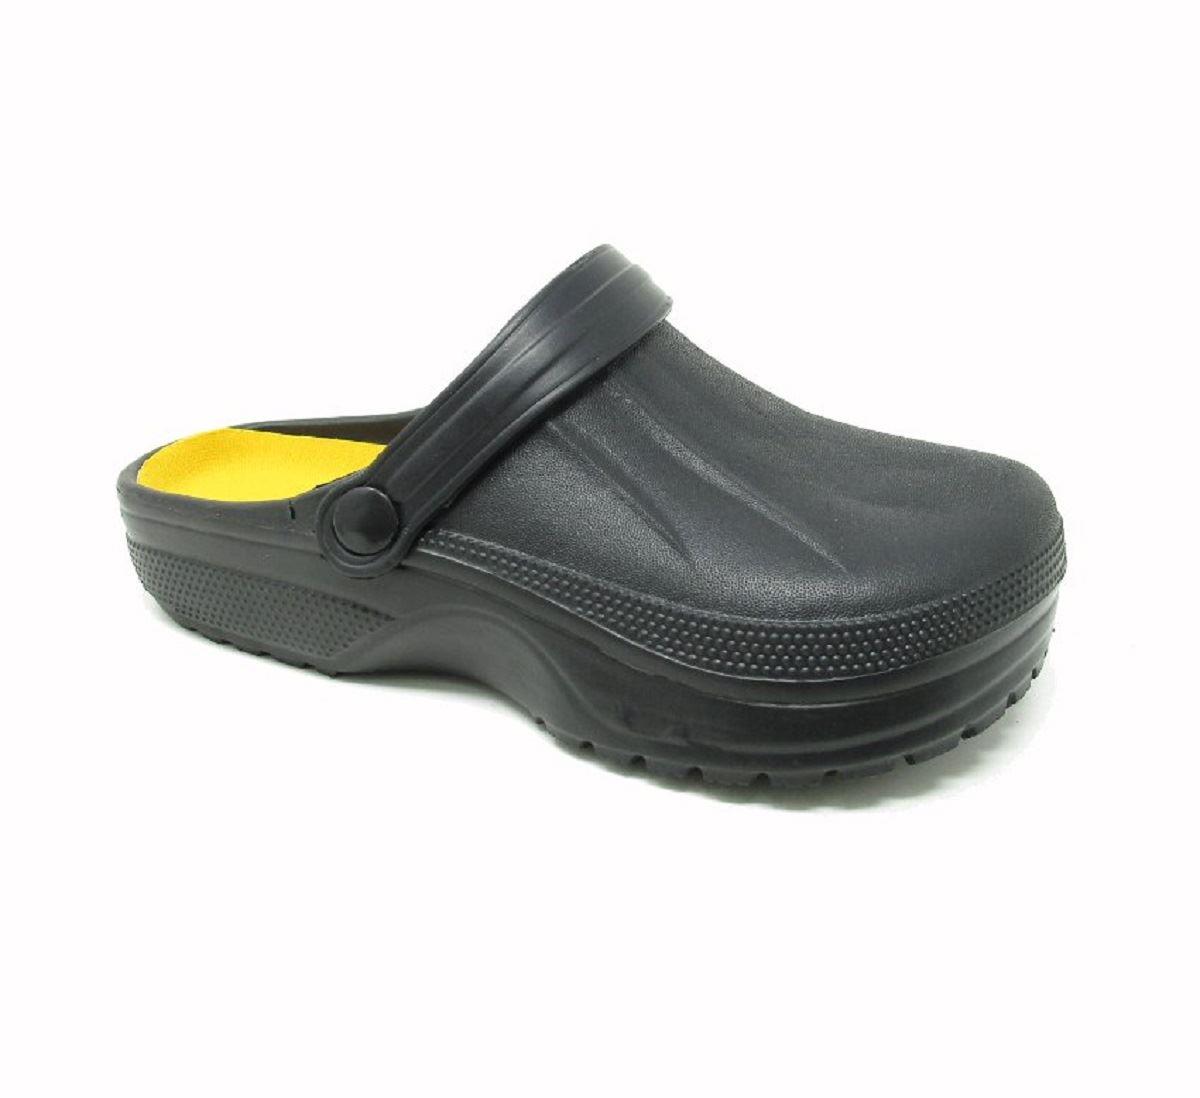 Womens-Clogs-Mules-Slipper-Nursing-Garden-Beach-Sandals-Hospital-Rubber-Shoes miniatura 4